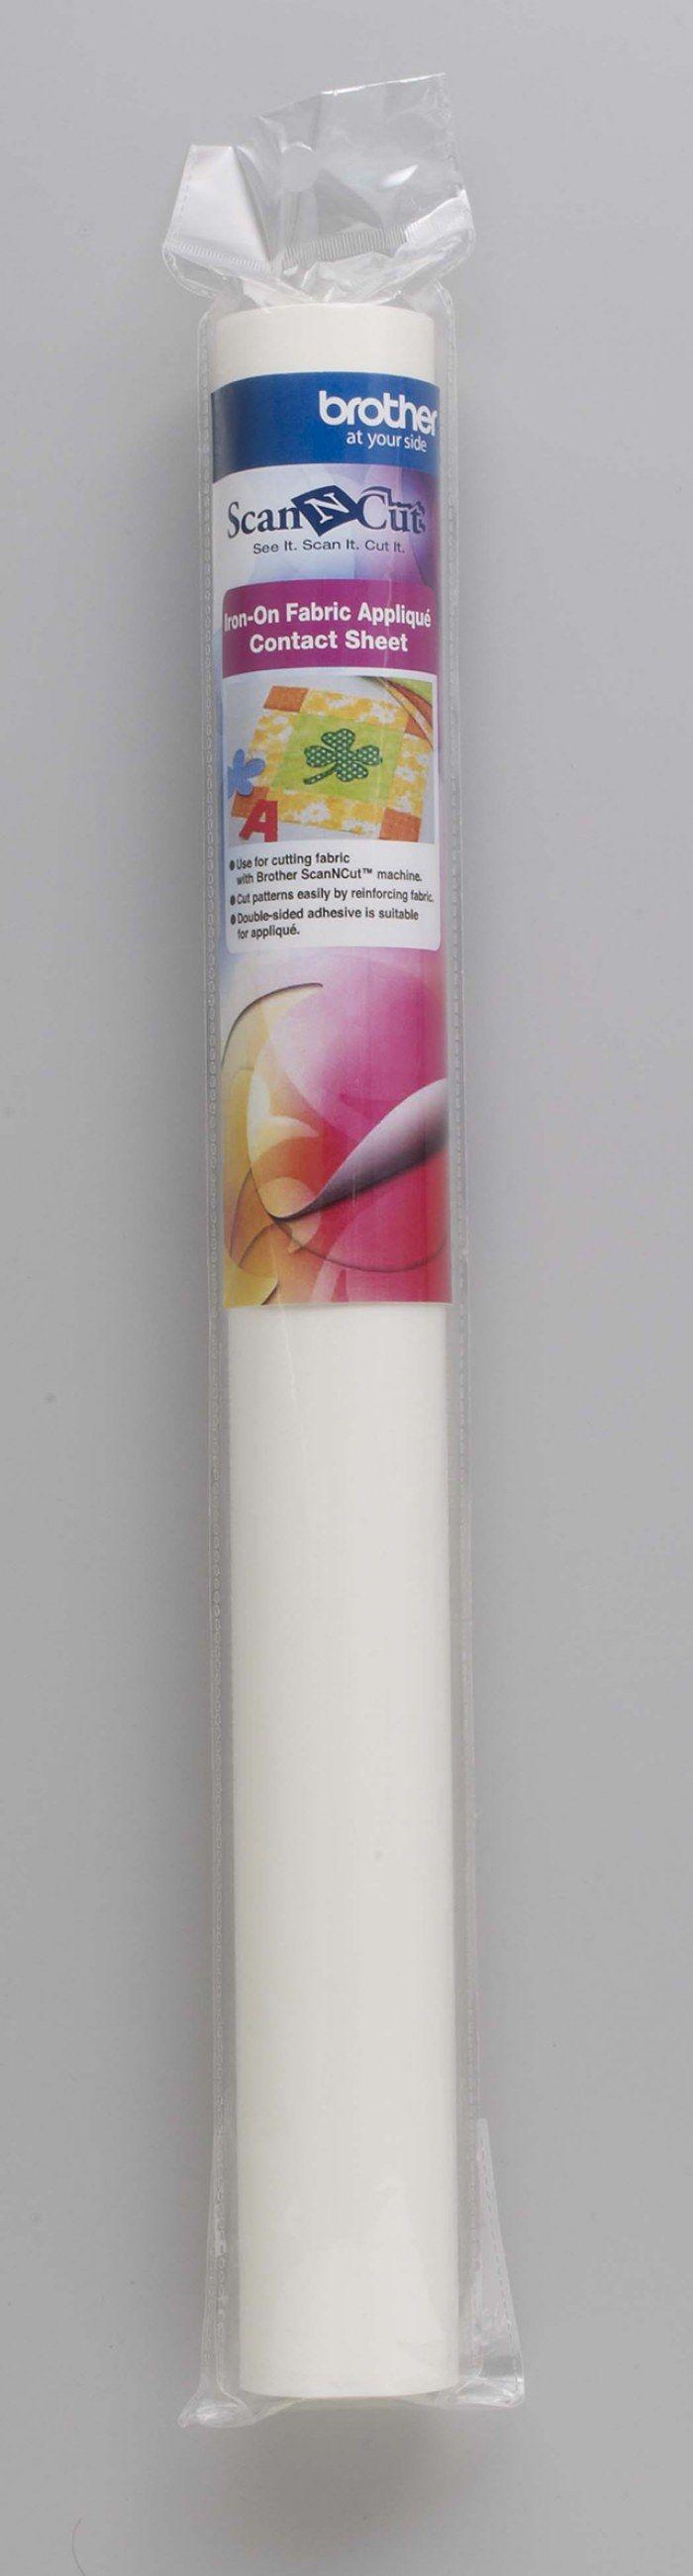 Foglio termo adesivo per applicazioni su tessuto Art. No. CASTBL1 per Brother ScanNCut CM840 - Foglio termo adesivo da applicare sul retro del tessuto. http://www.shopty.com/ita/prodotti/macchine-per-cucire-filati/filati-e-merceria/accessori-speciali-per-il-ricamo/foglio-termo-adesivo-per-applicazioni-su-tessuto-art-no-castbl1-per-brother-scancut-cm840.htm